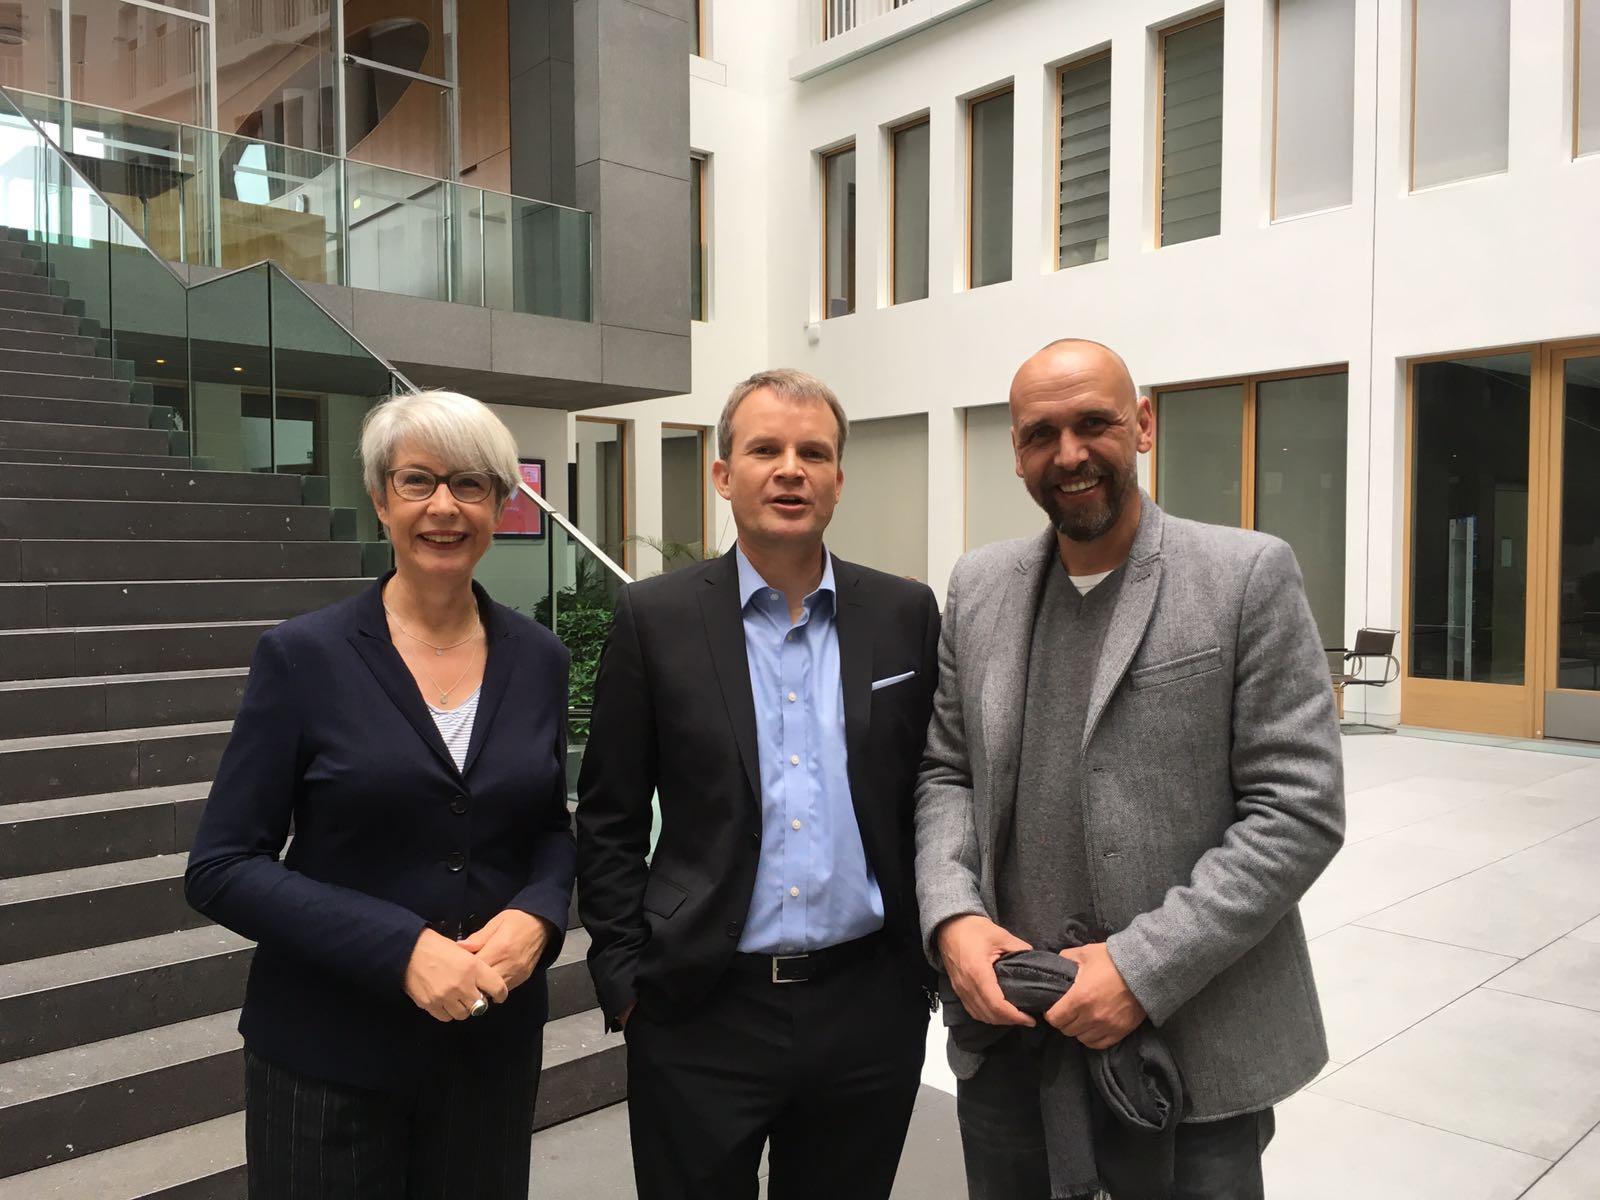 Hinter den Kulissen der Stressstudie: Gudrun Ahlers (links) mit TK-Chef Jens Baas sowie Ex-Fußballprofi und Unternehmer Holger Stanislawski.